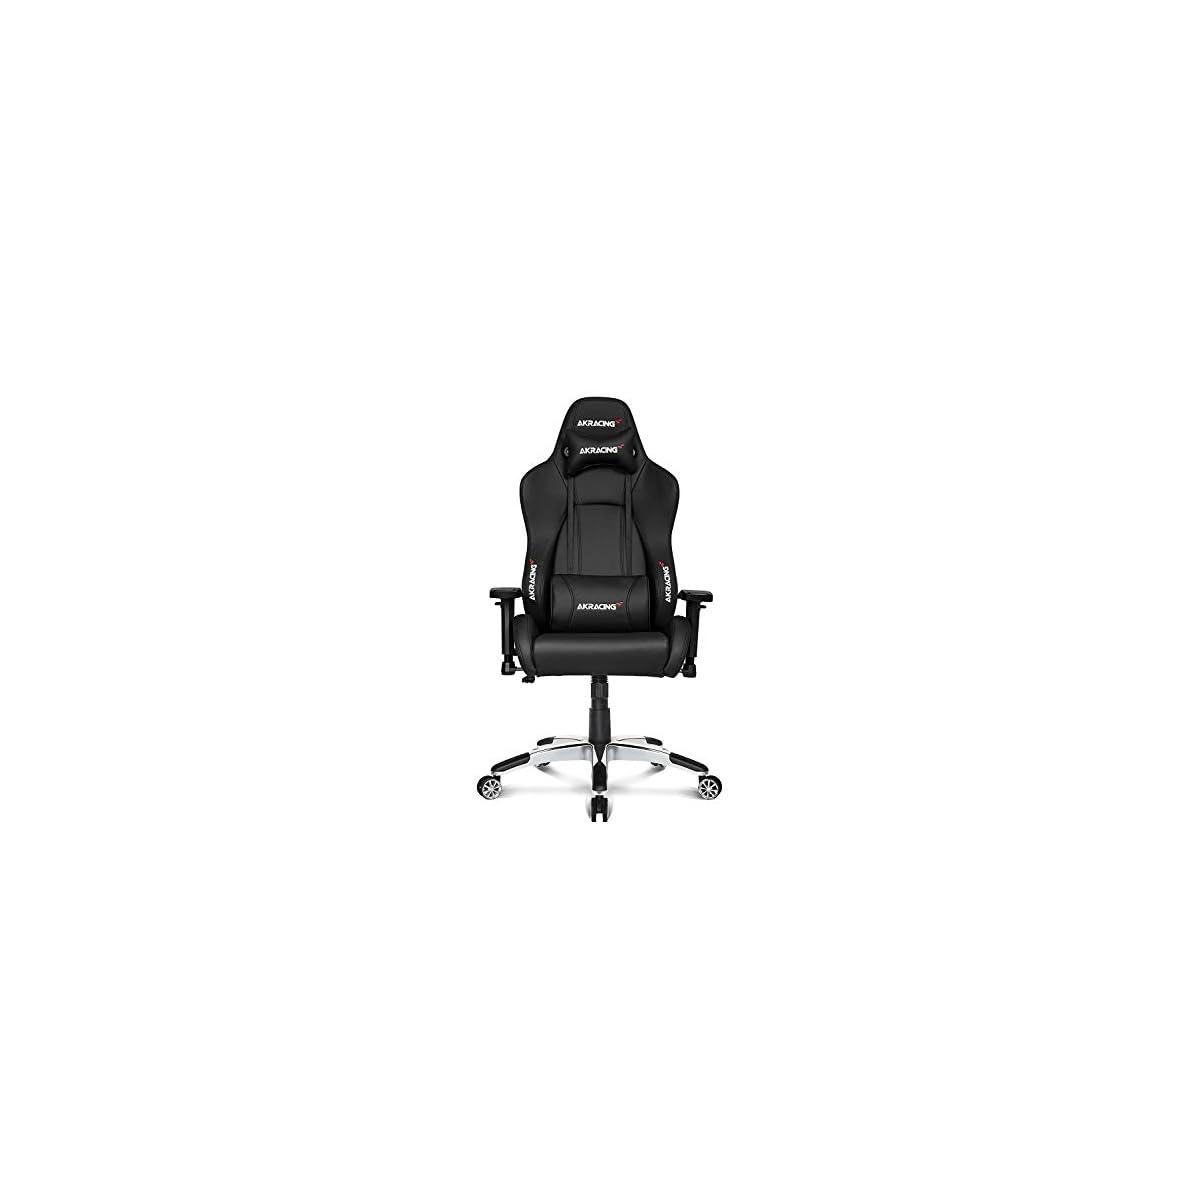 31naY6%2Bc8DL. SS1200  - AKRacing Premium V2 - AK-7002-BB - Silla Gaming, Color Negro